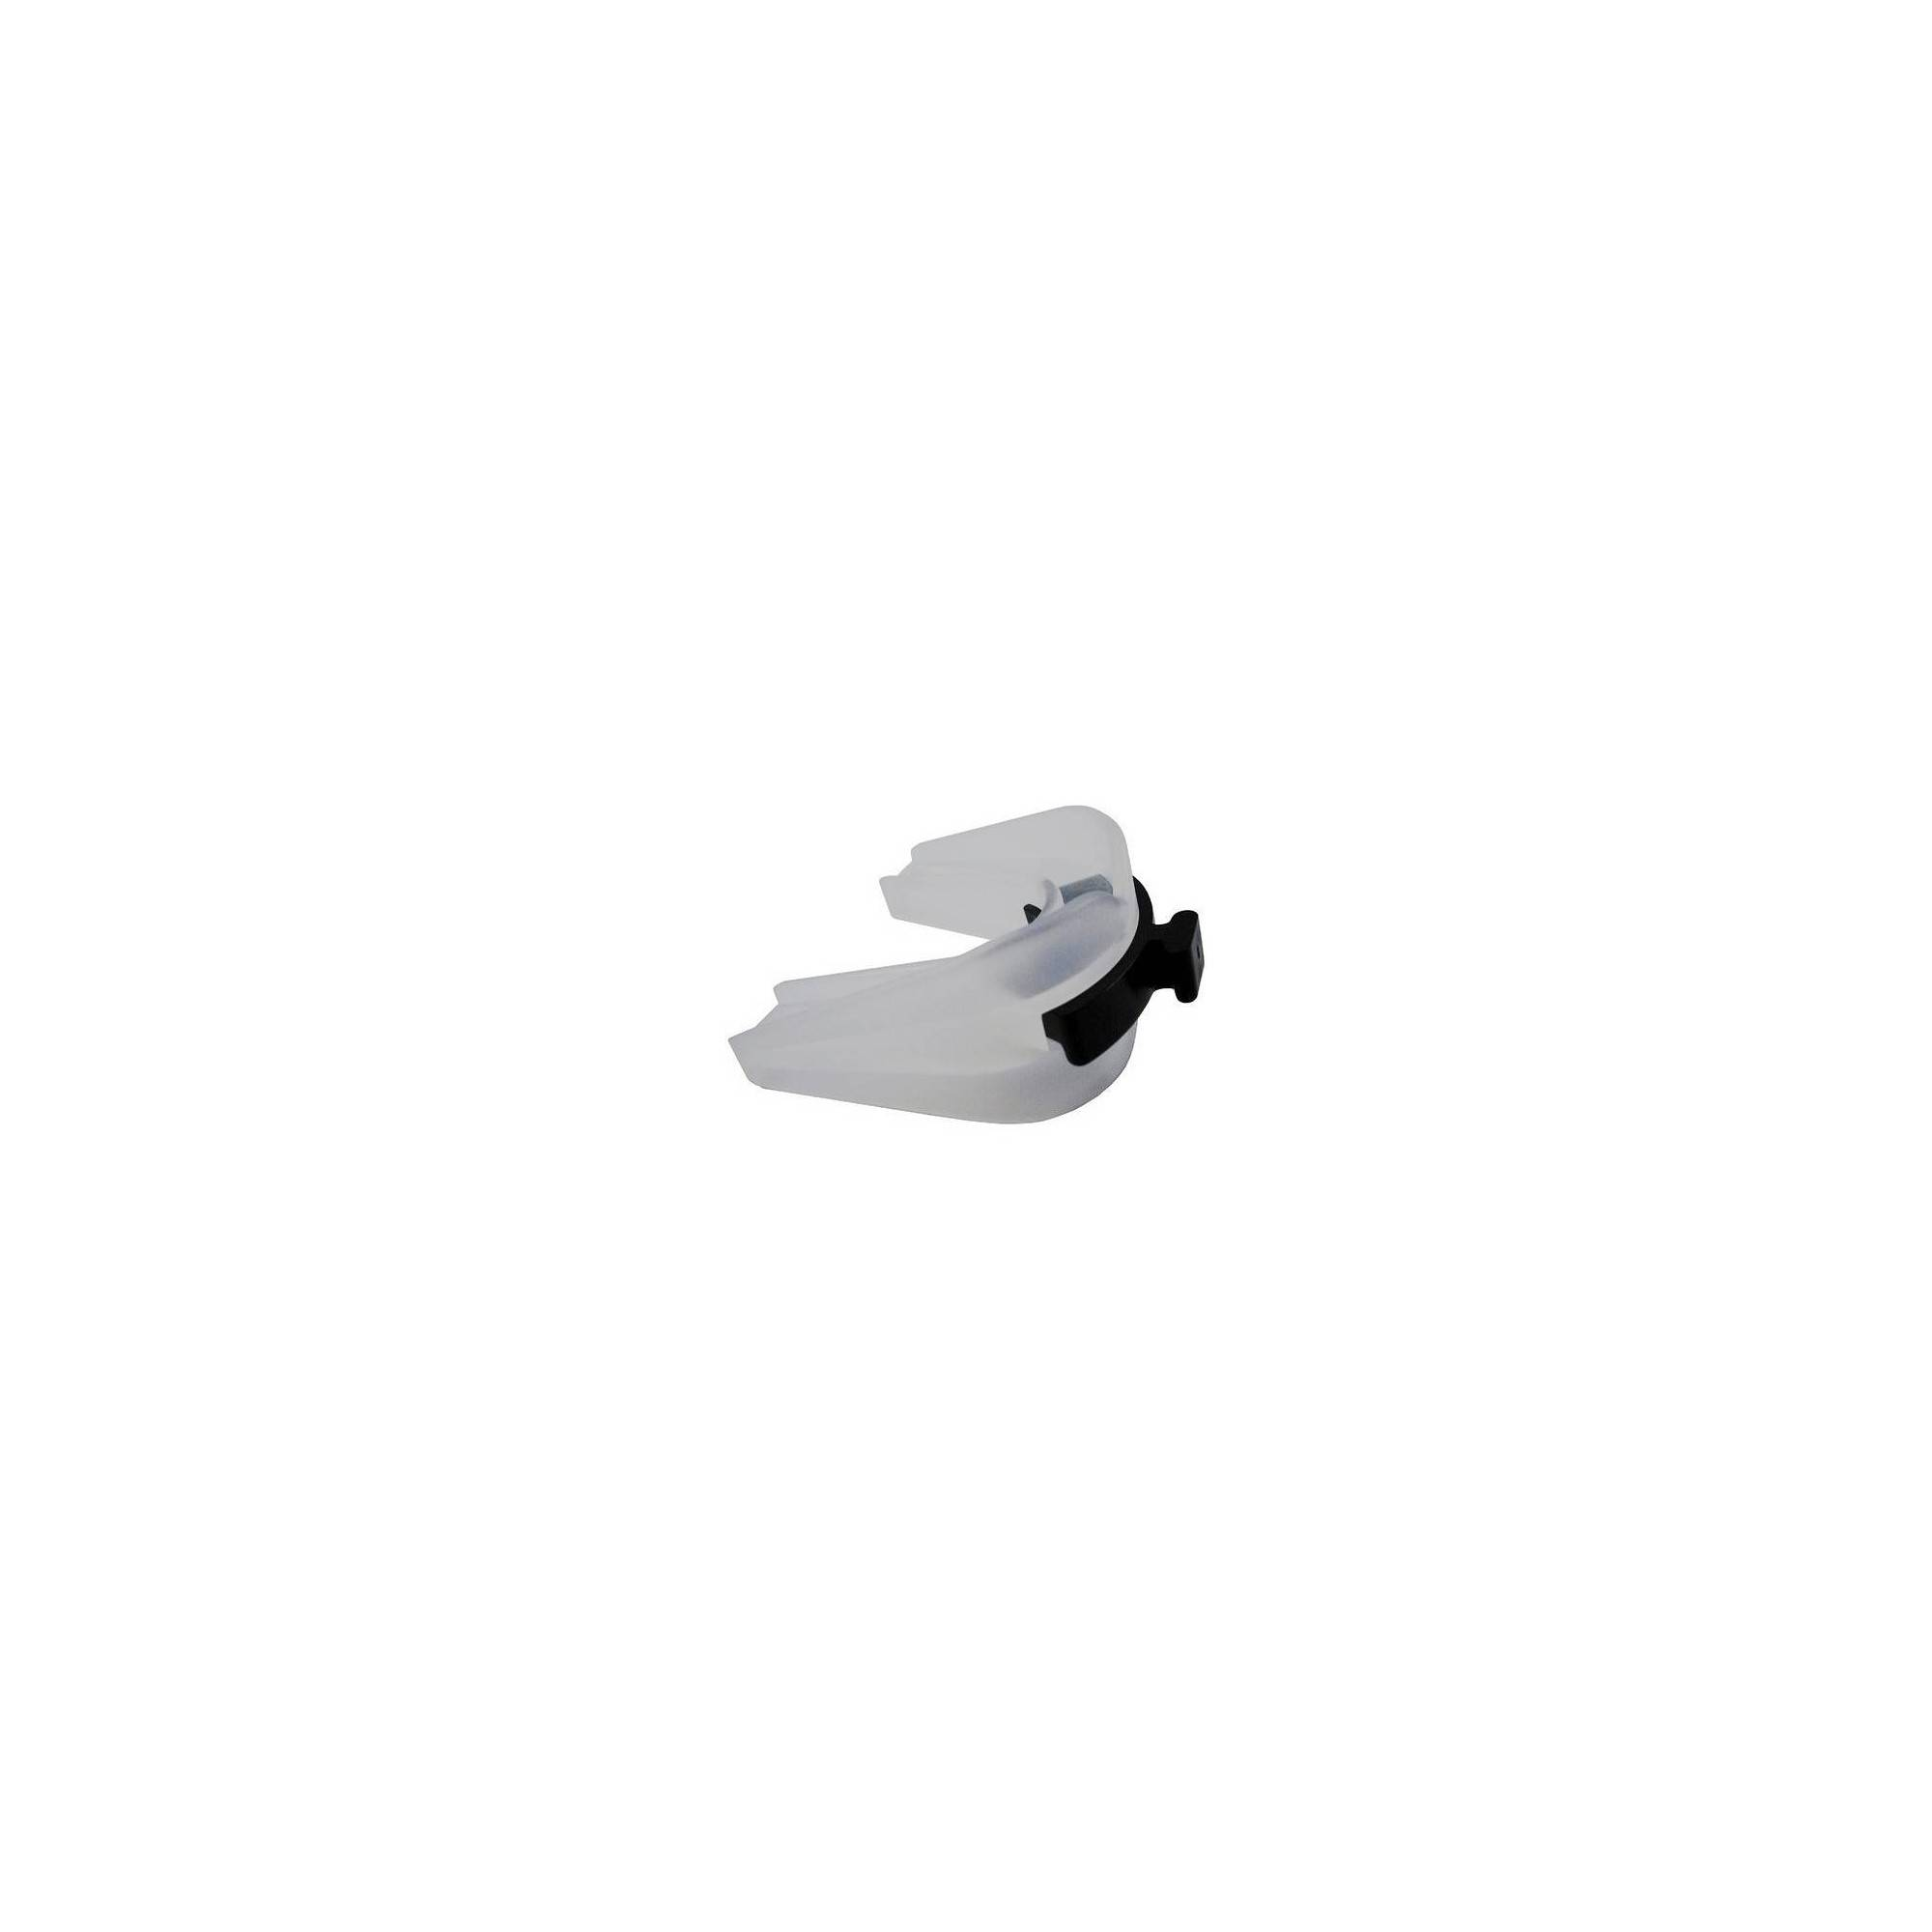 Ochraniacz podwójny szczęki Allright | biały-transparentny ALLRIGHT - 1 | klubfitness.pl